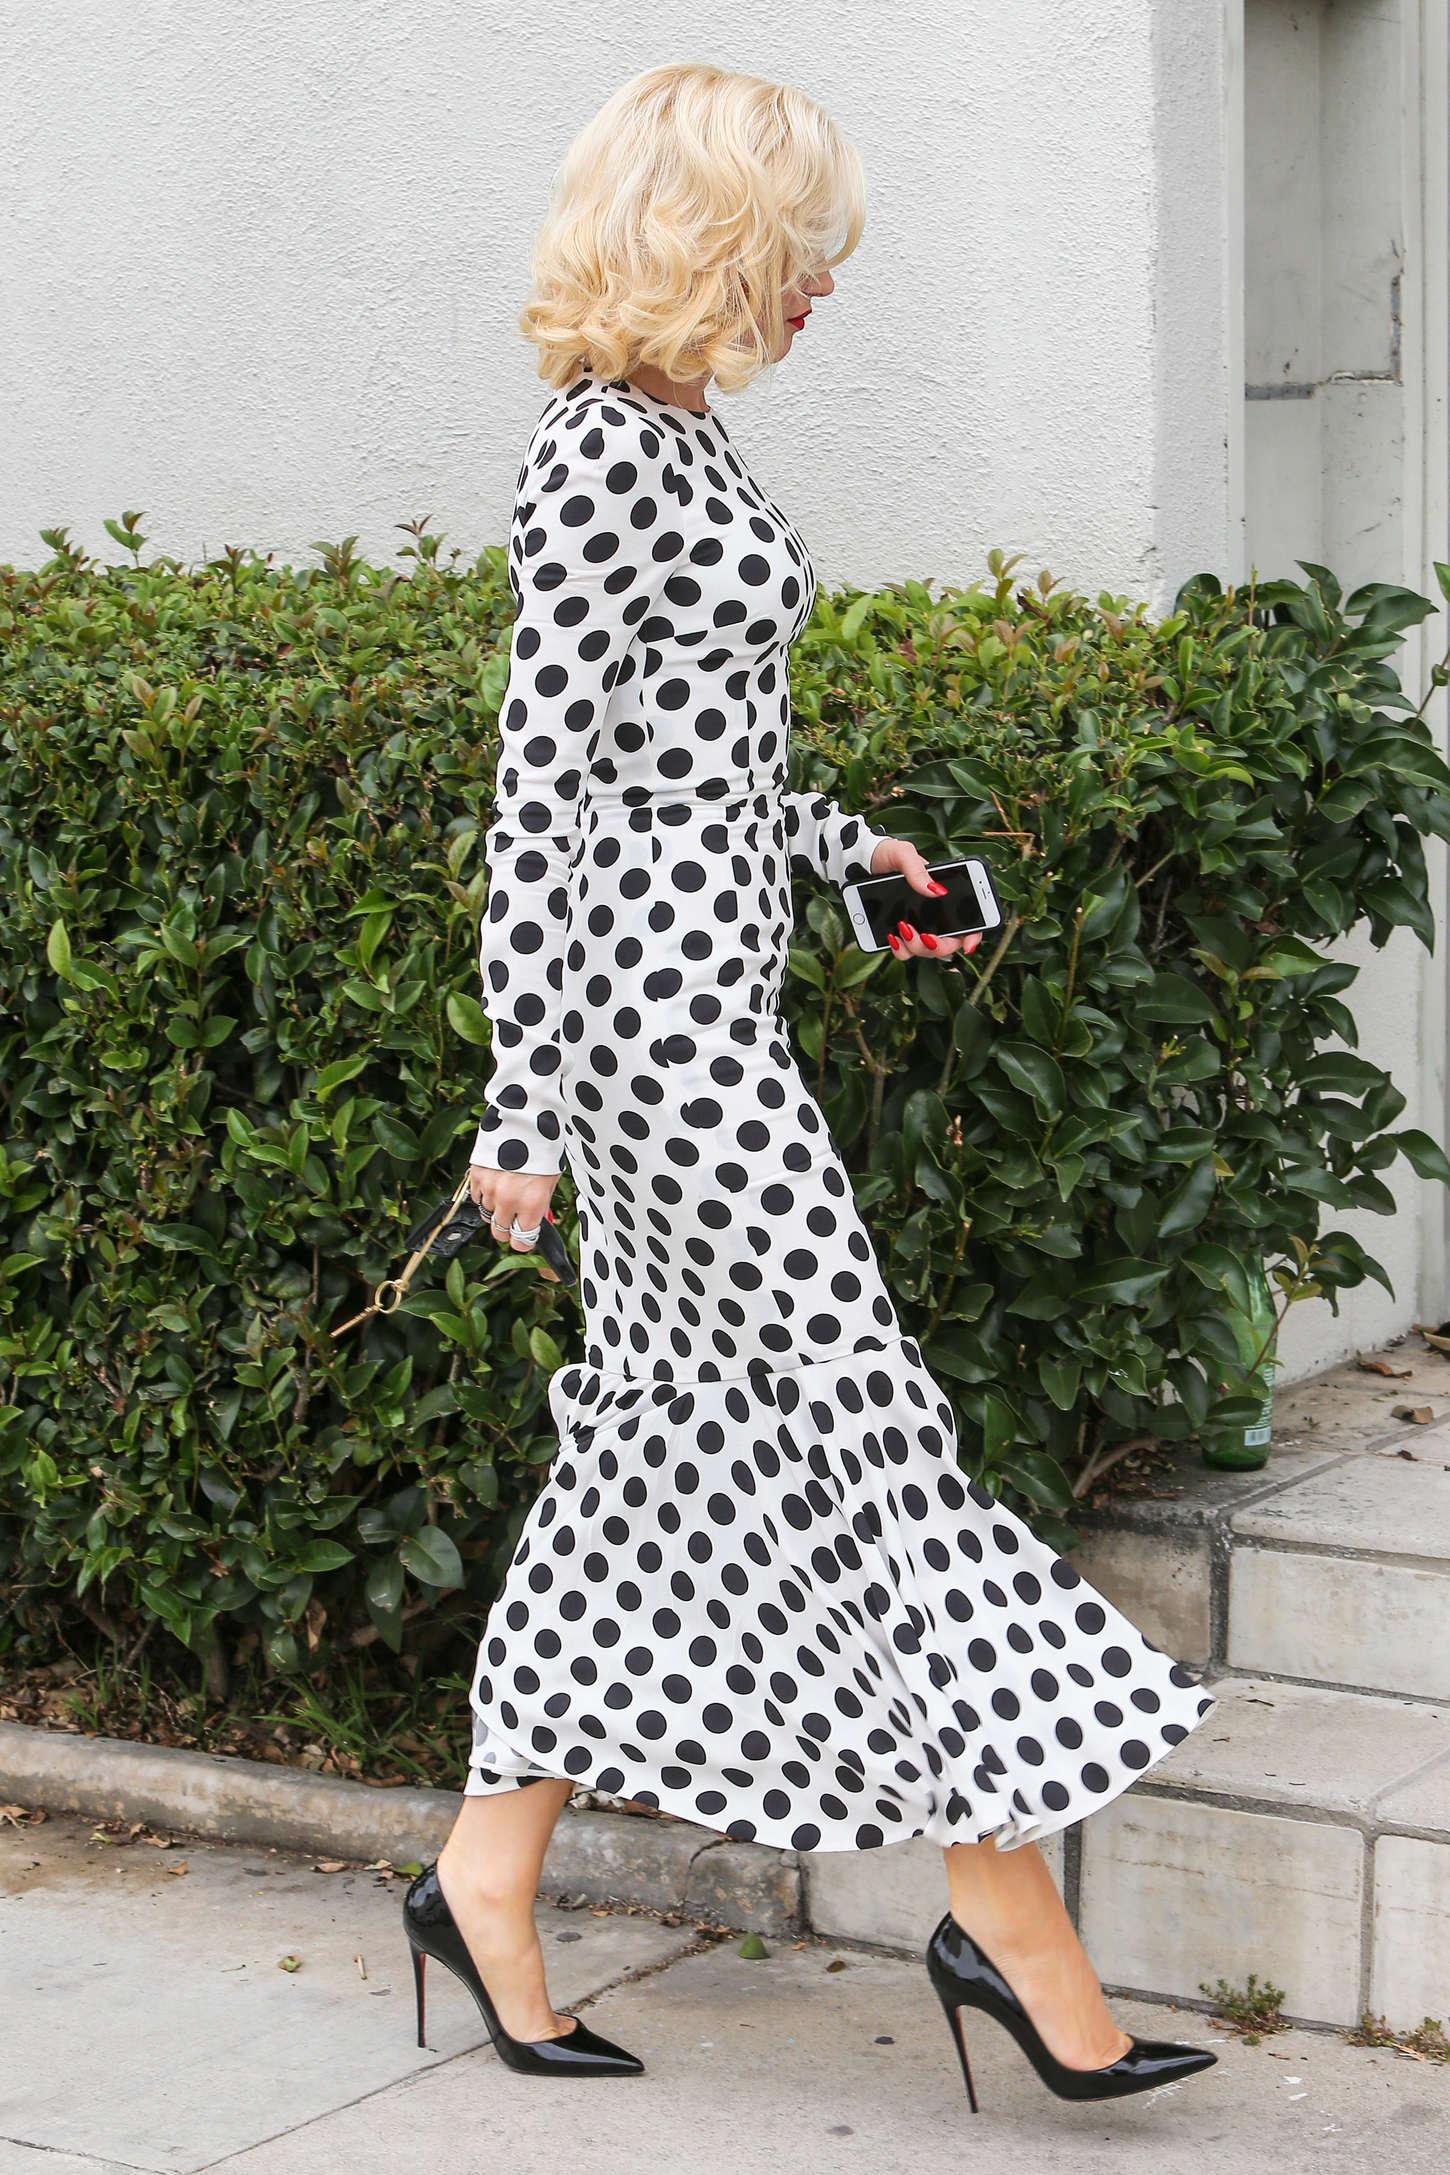 Gwen-Stefani-in-Long-Dress--08